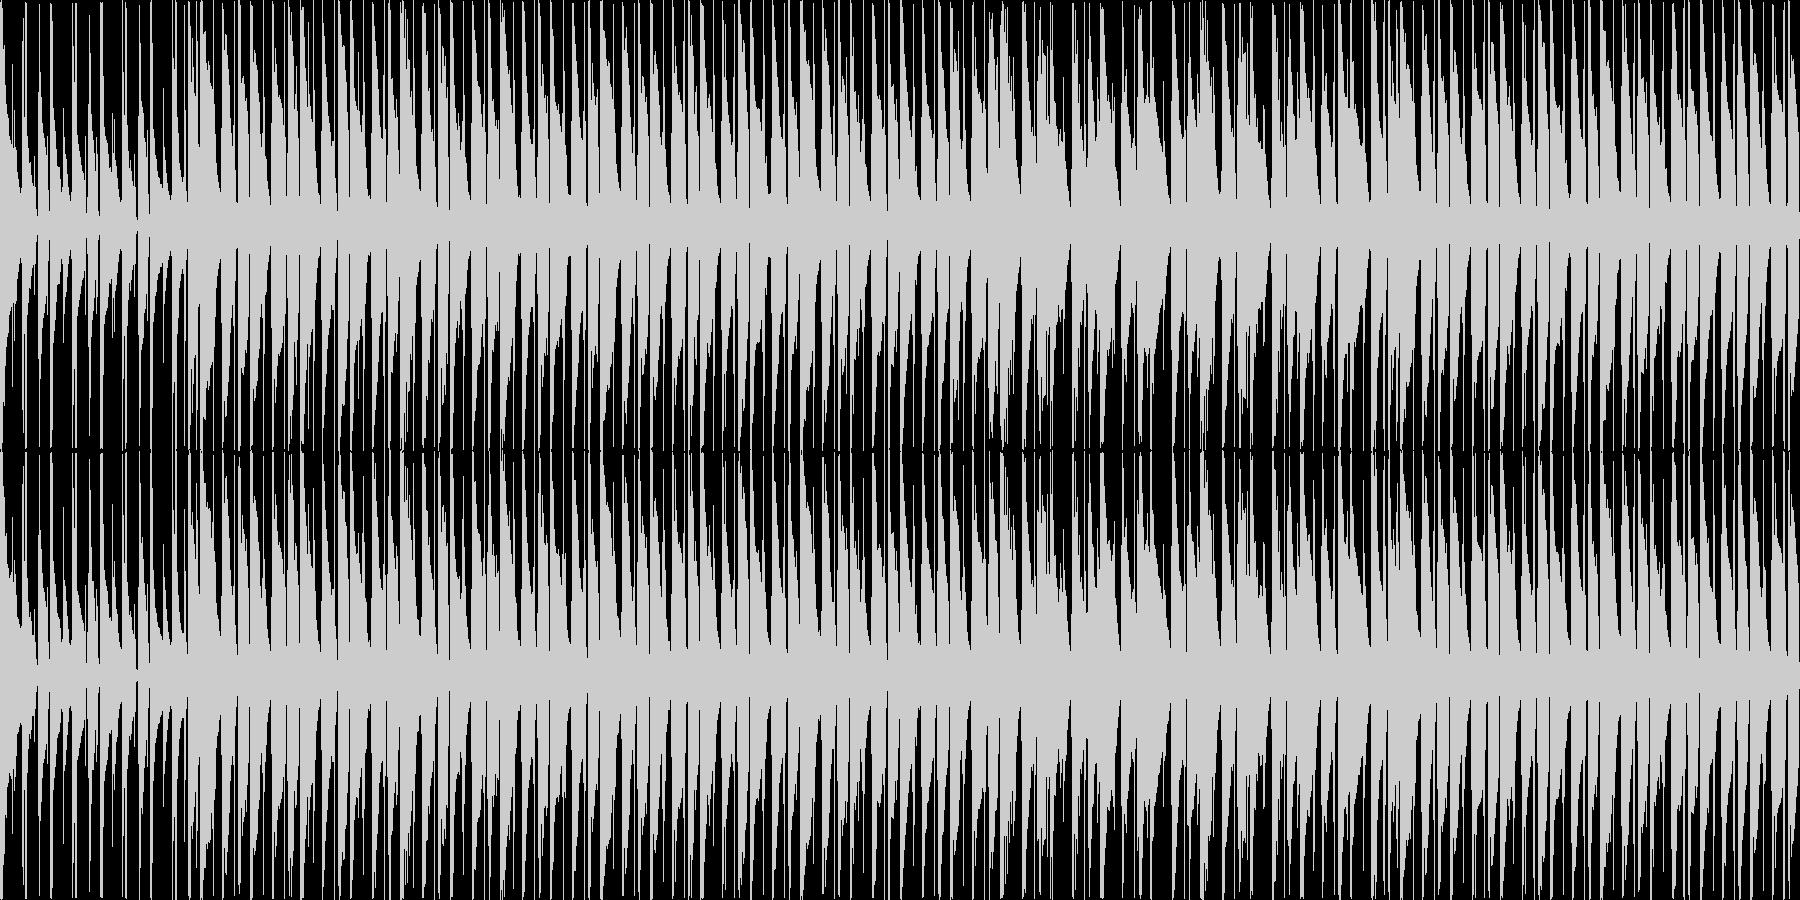 【ループ・メロ抜き】ウクレレの軽快で前向の未再生の波形